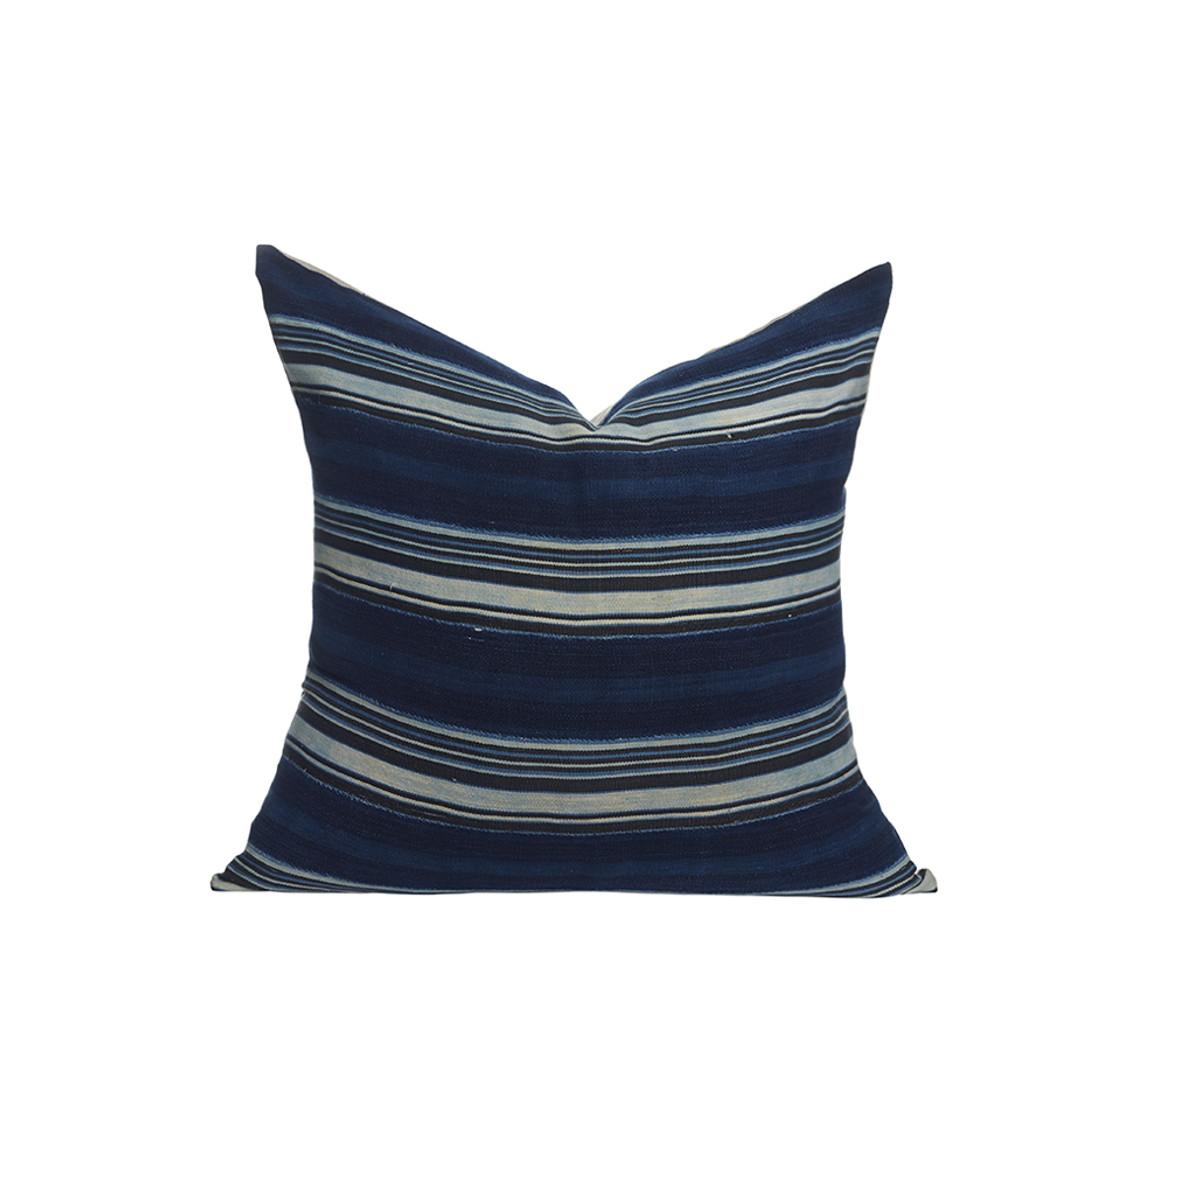 Indigo Pillow Front 47364